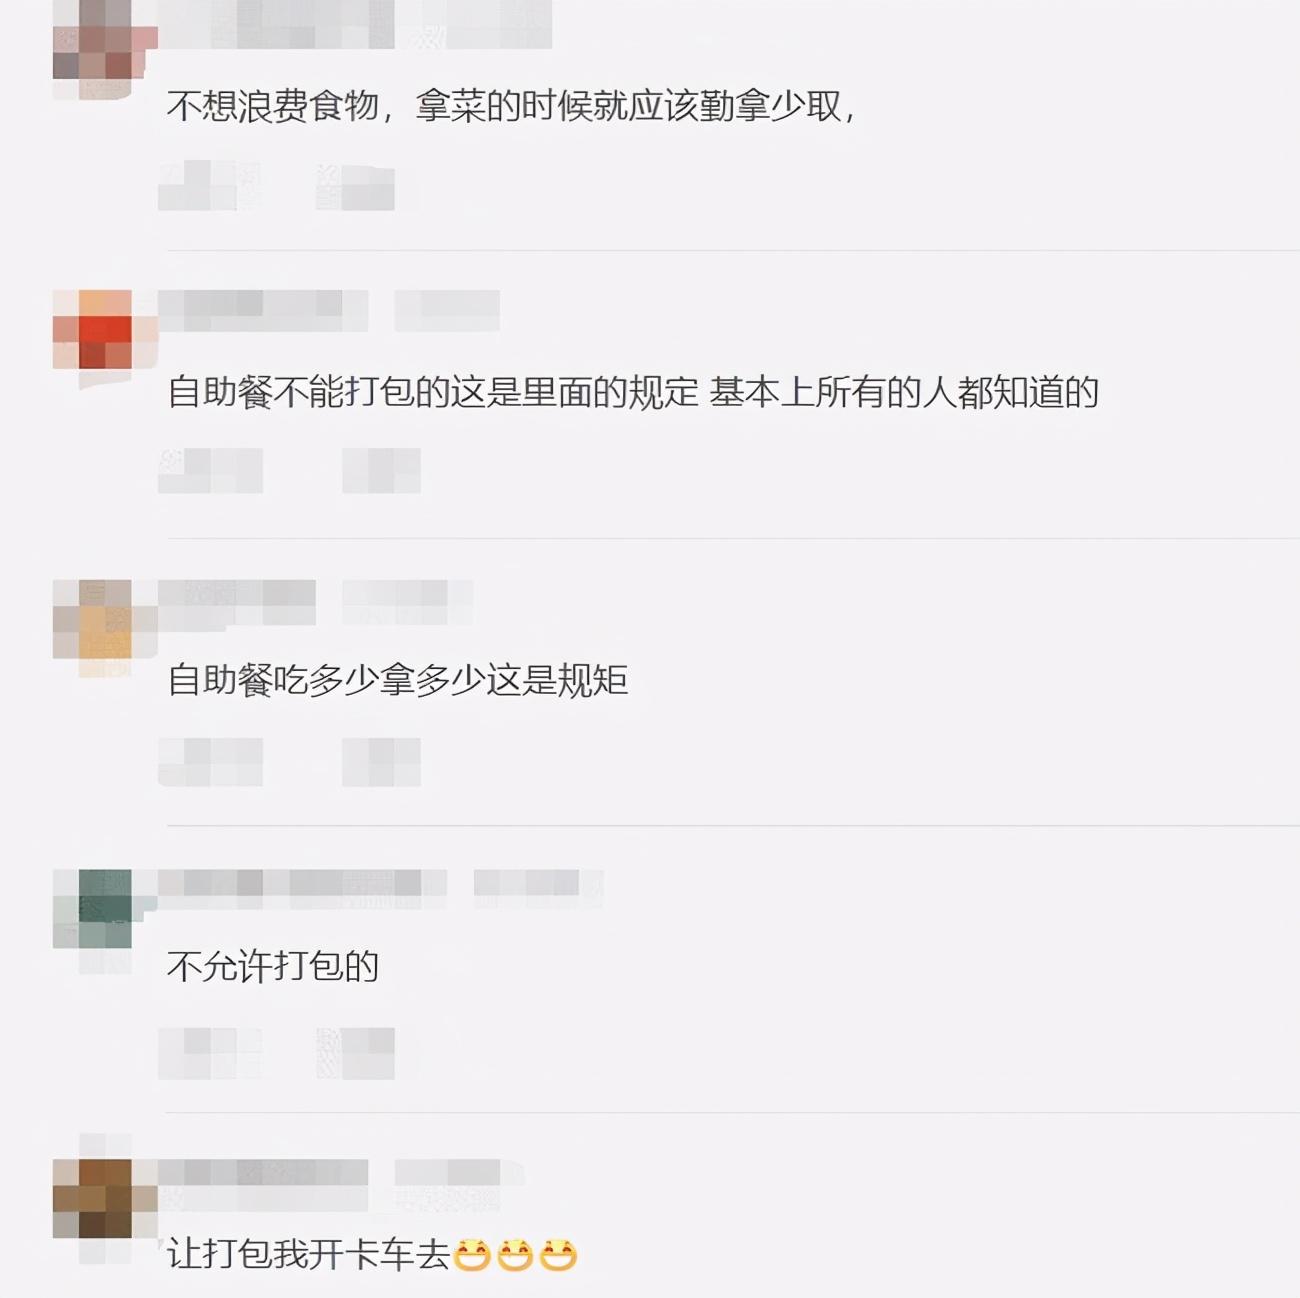 浙江绍兴的一对夫妻在餐厅用餐后想要打包时,却遭到了店员的阻拦